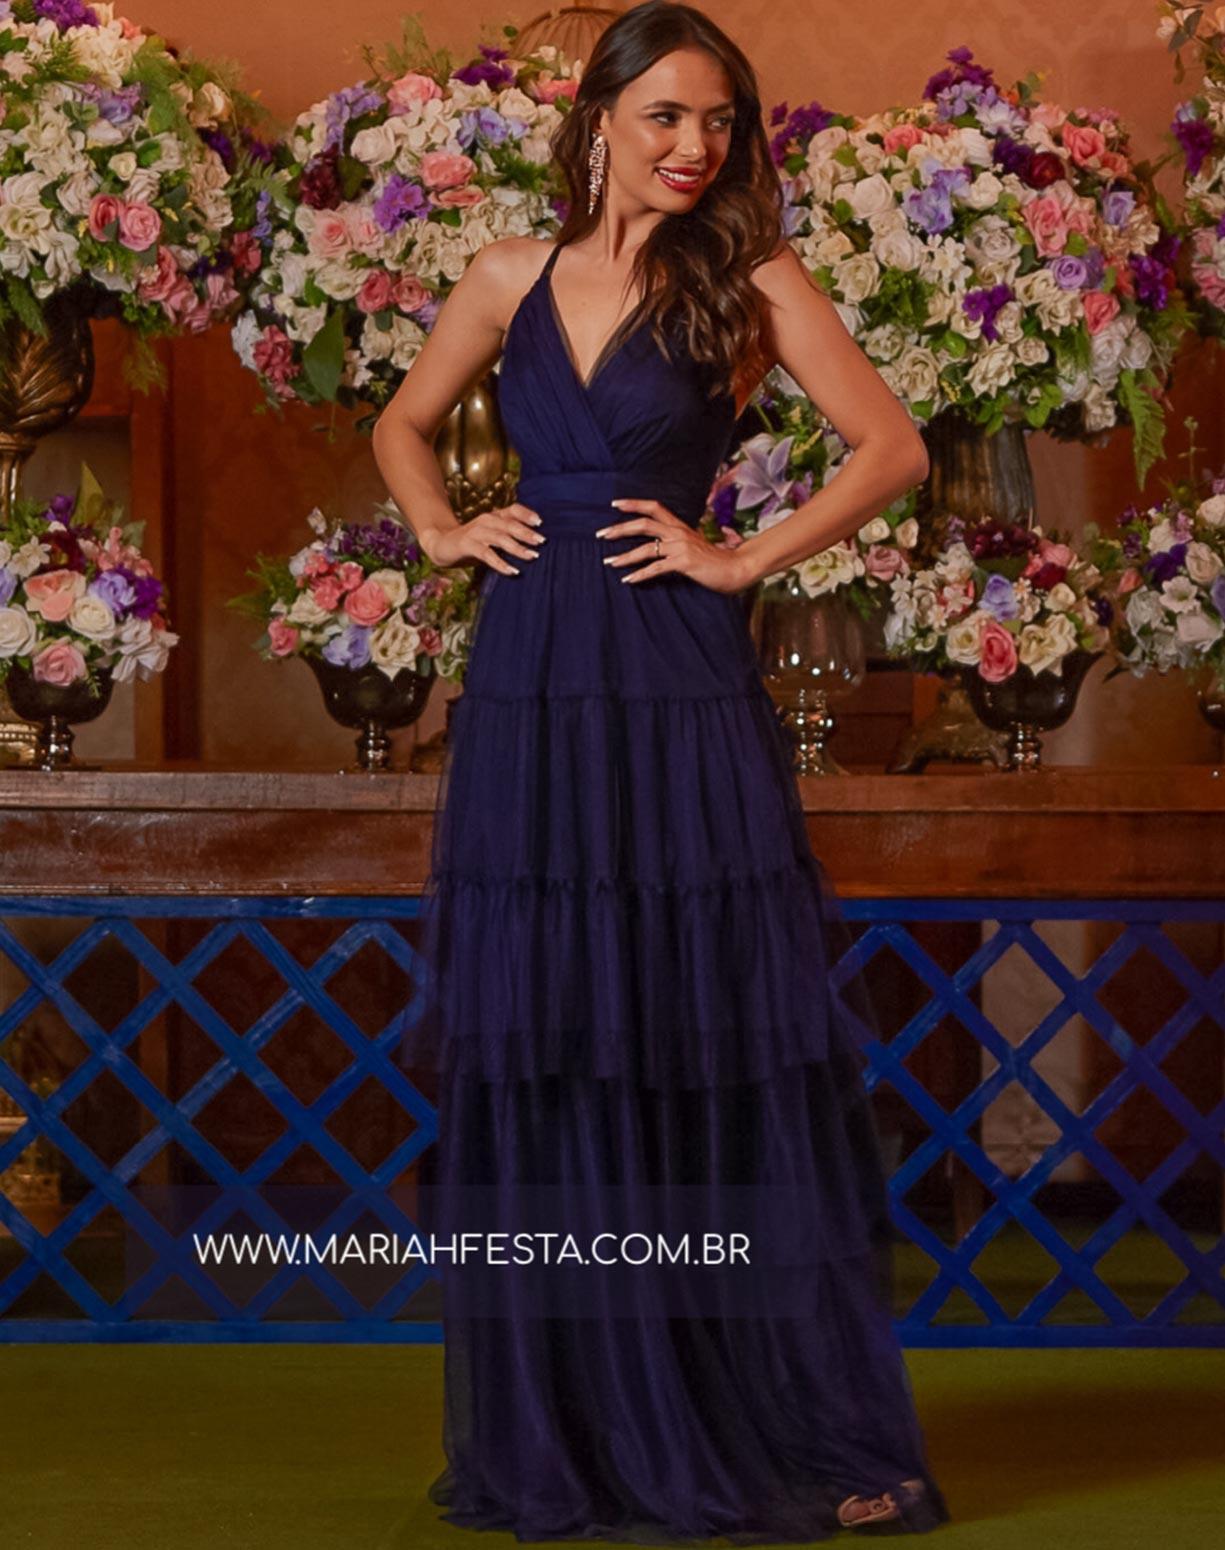 Vestido Azul Marinho com Camadas em Tule e Alça Dupla